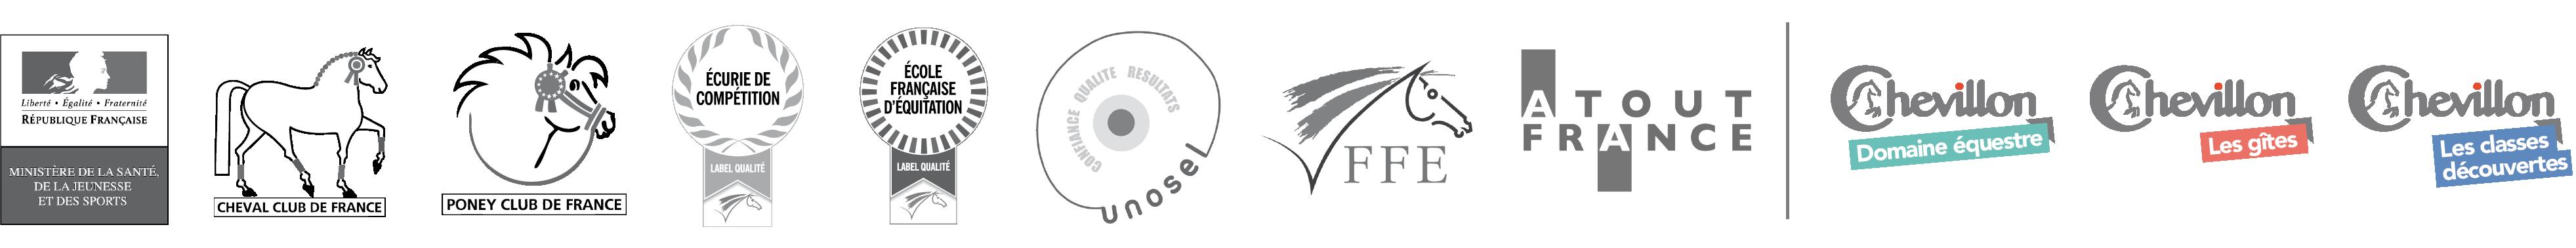 Colonies au Domaine équestre de Chevillon, école d'équitation FFE, Unosel, Classes découvertes et gîtes